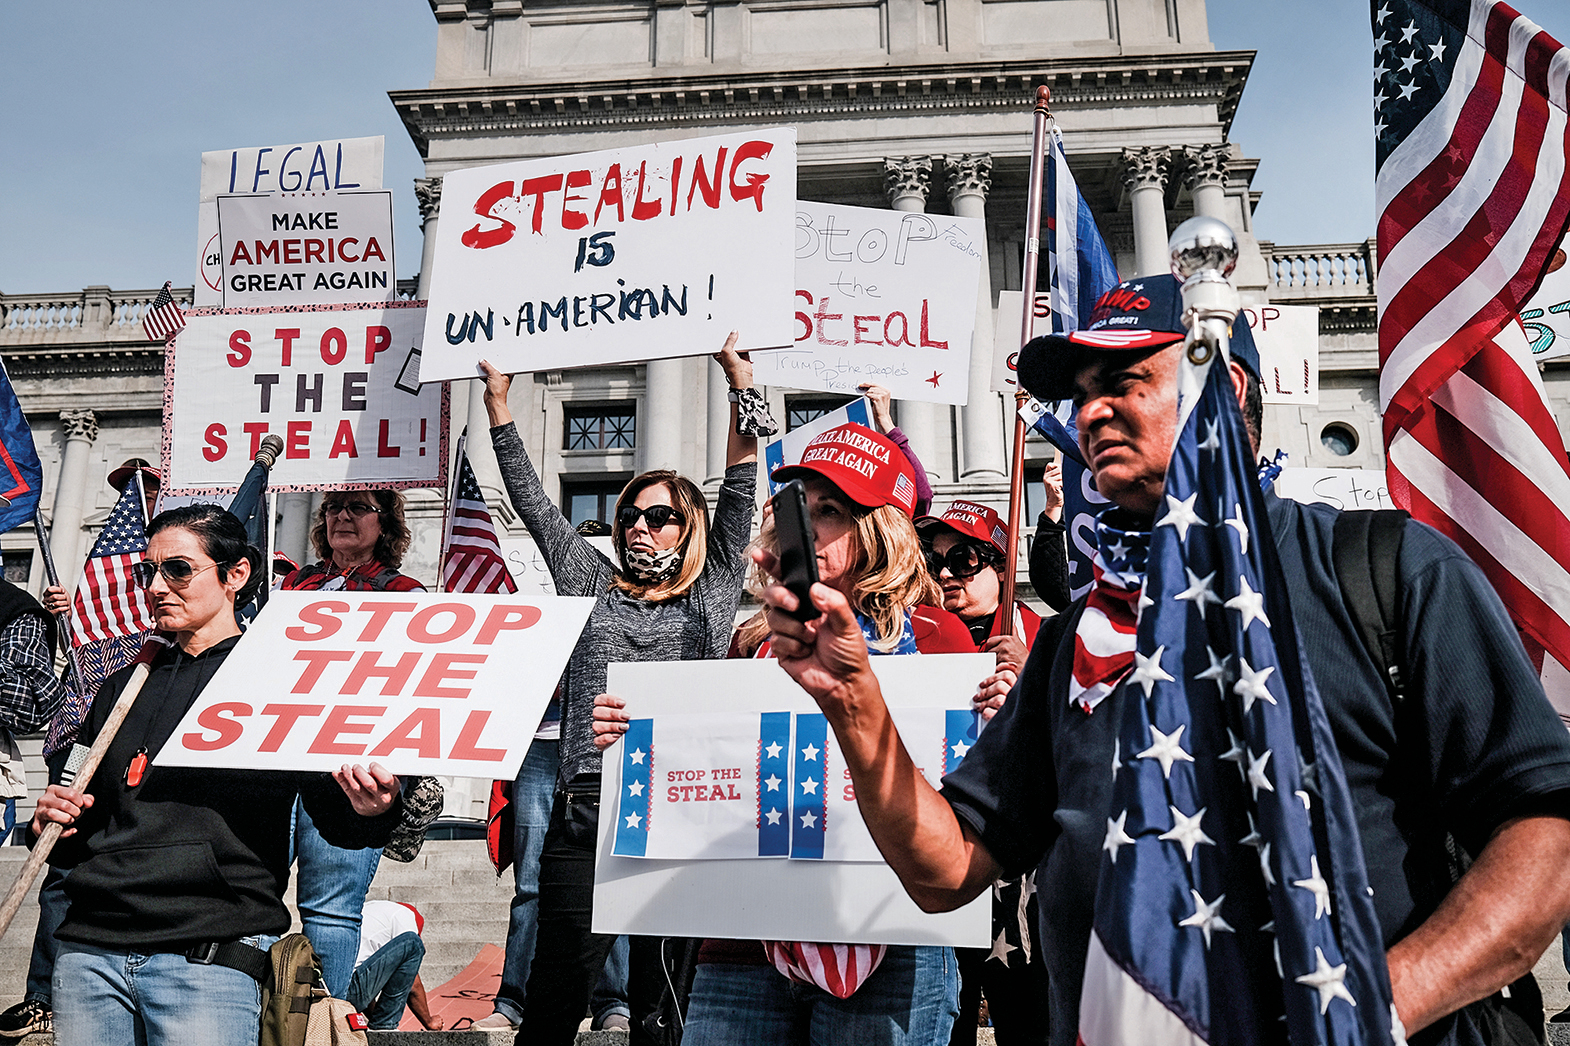 11月5日,賓夕凡尼亞州議會大廈外,特朗普支持者舉行對選票舞弊的抗議活動。(Getty Images)